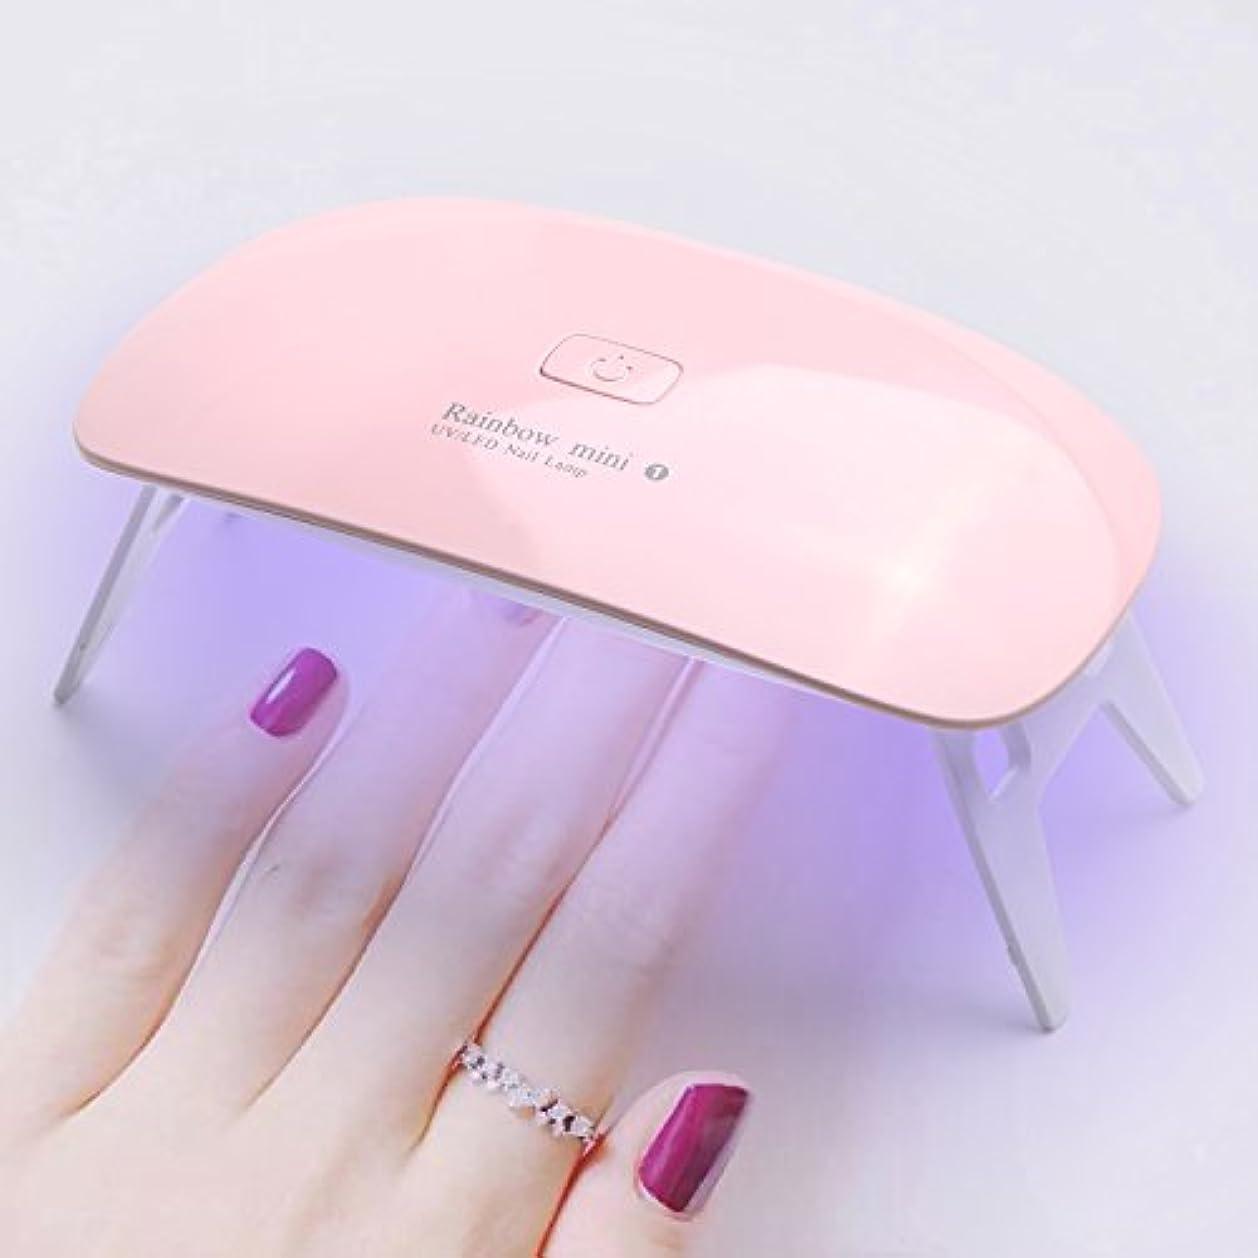 素子鎮静剤スクワイアLEDネイルドライヤー AmoVee UVライト タイマー設定可能 折りたたみ式 ジェルネイル用 (pink)